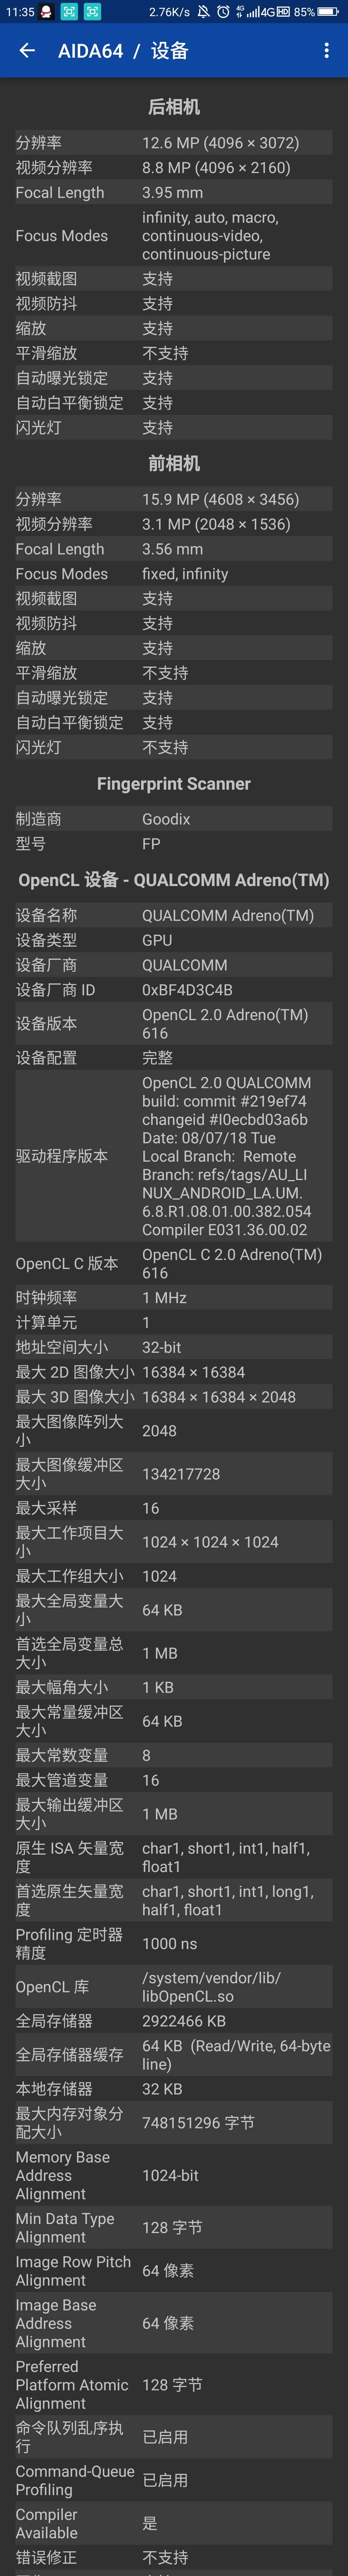 Screenshot_2018-11-23-11-35-35_compress.png